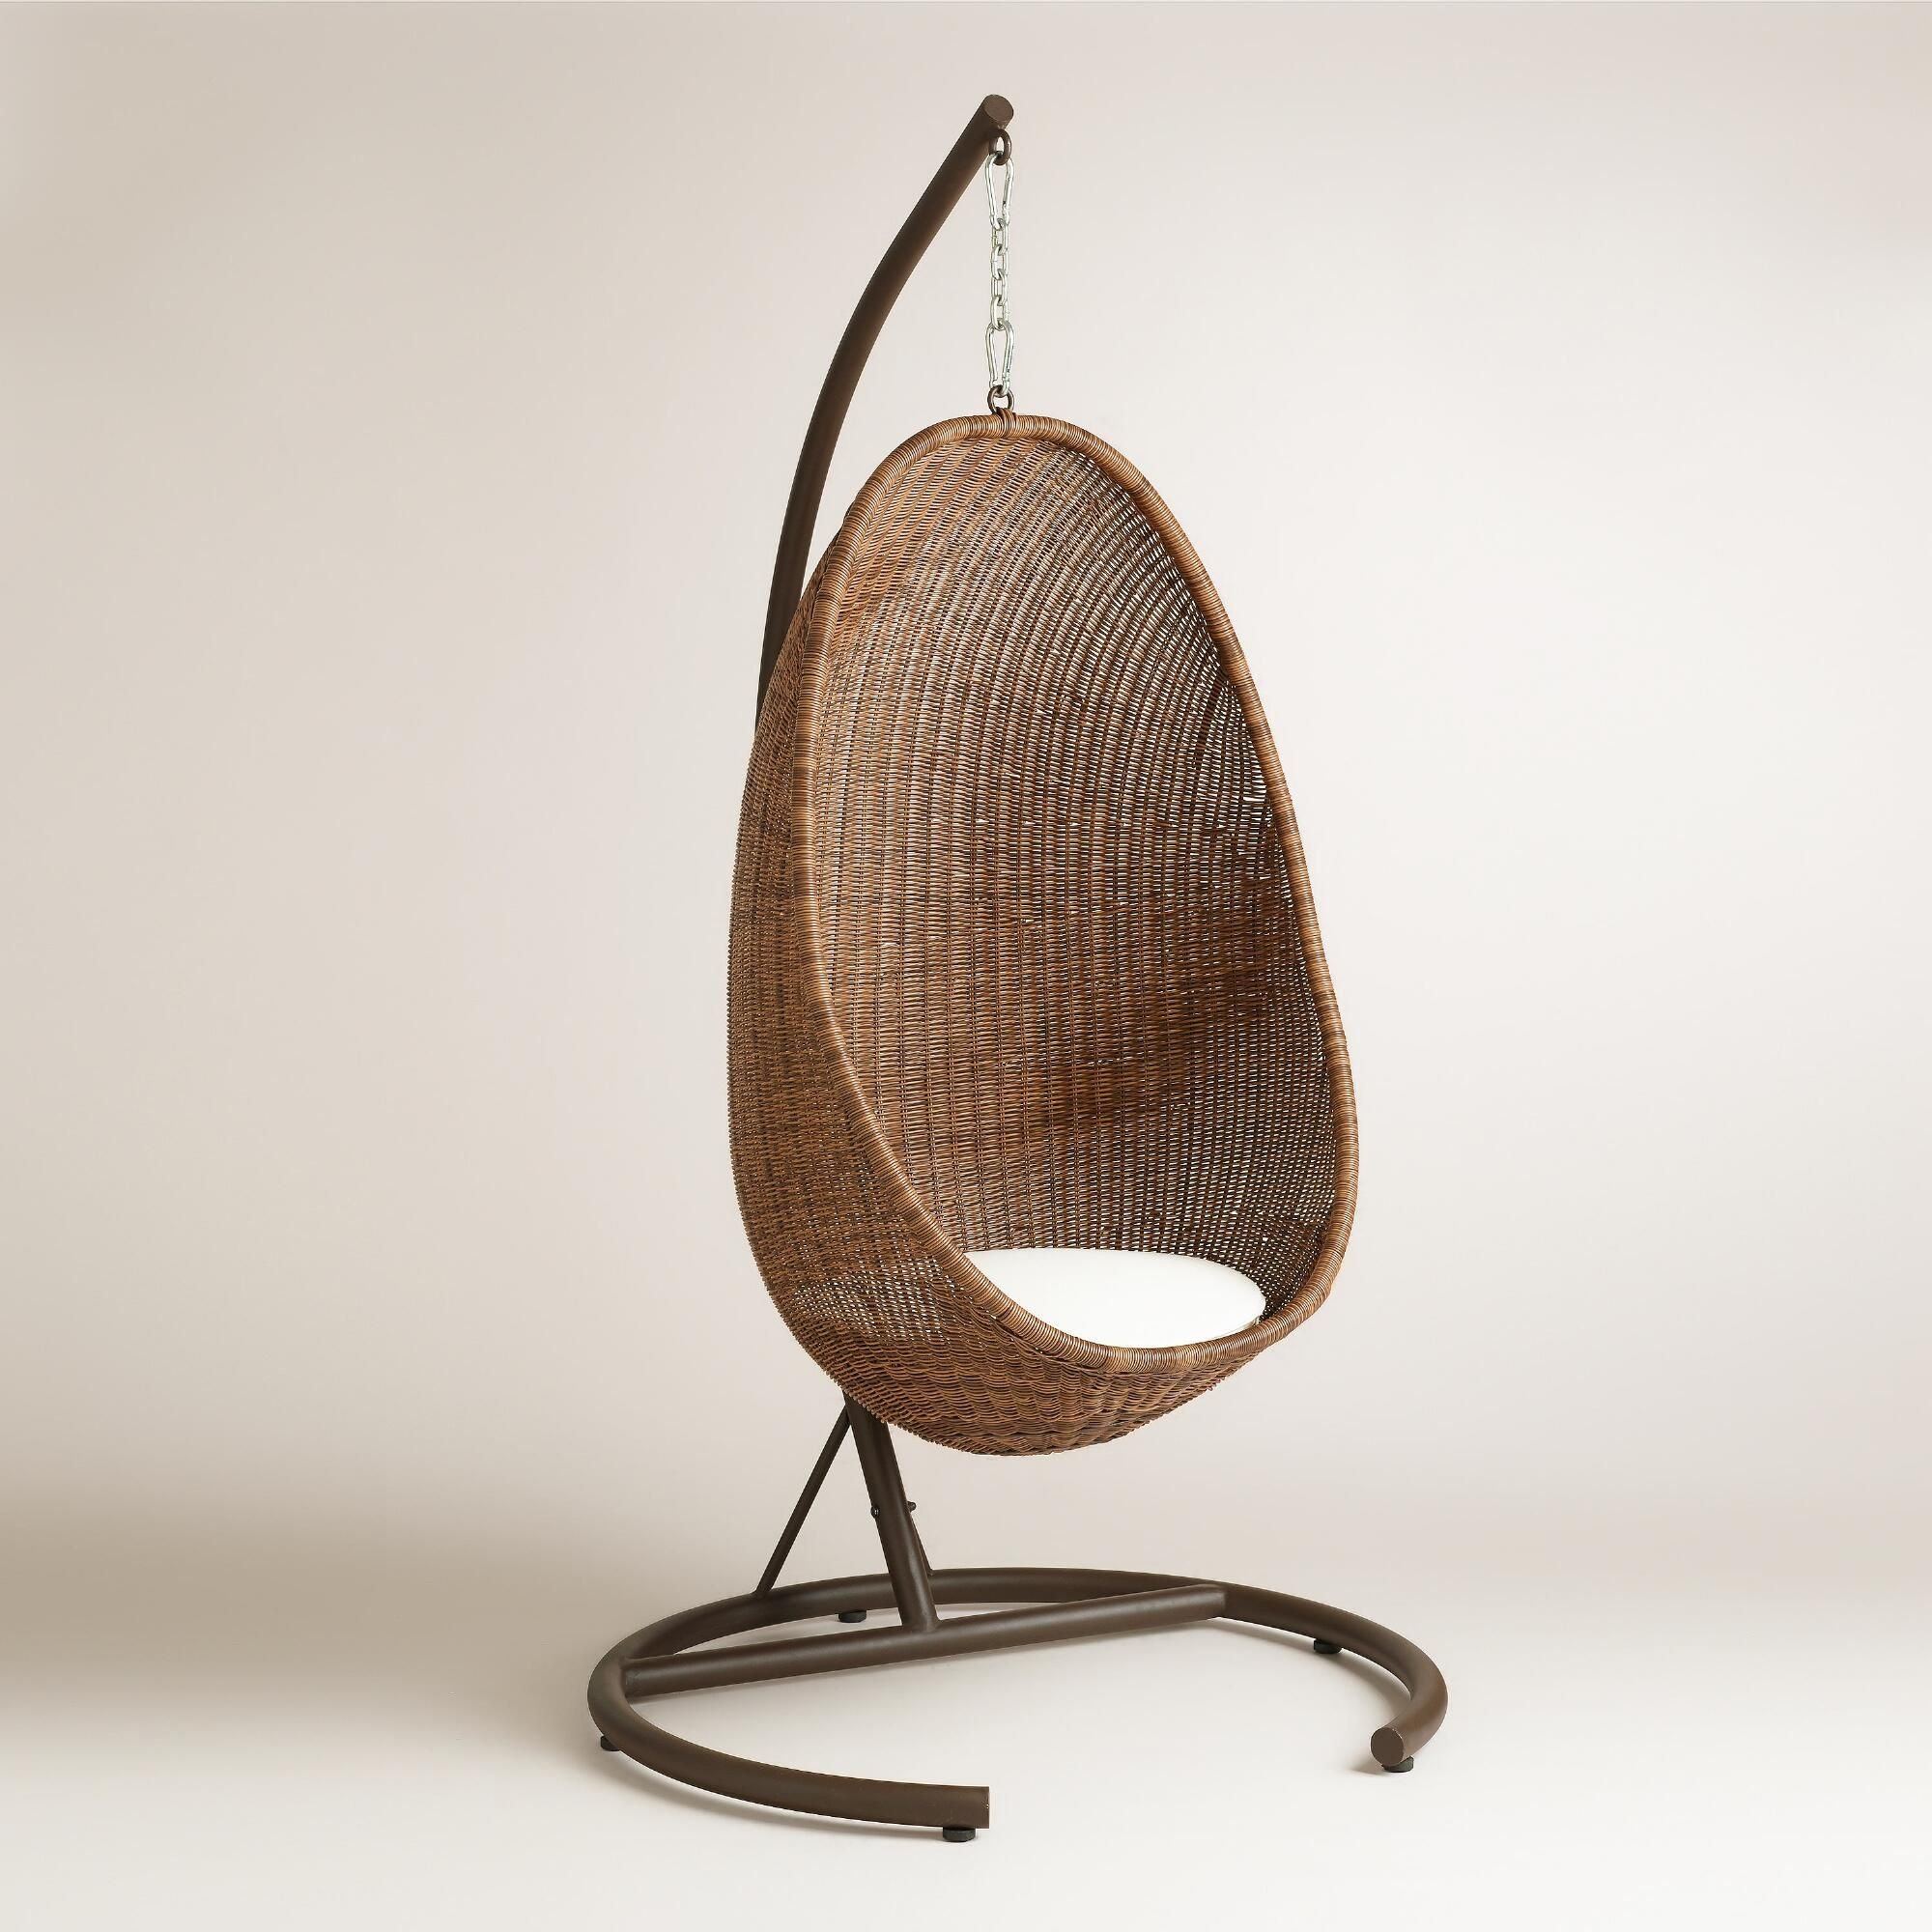 Ei Stuhl Schaukeln | Stühle | Pinterest | Stühle, Haus und Sessel